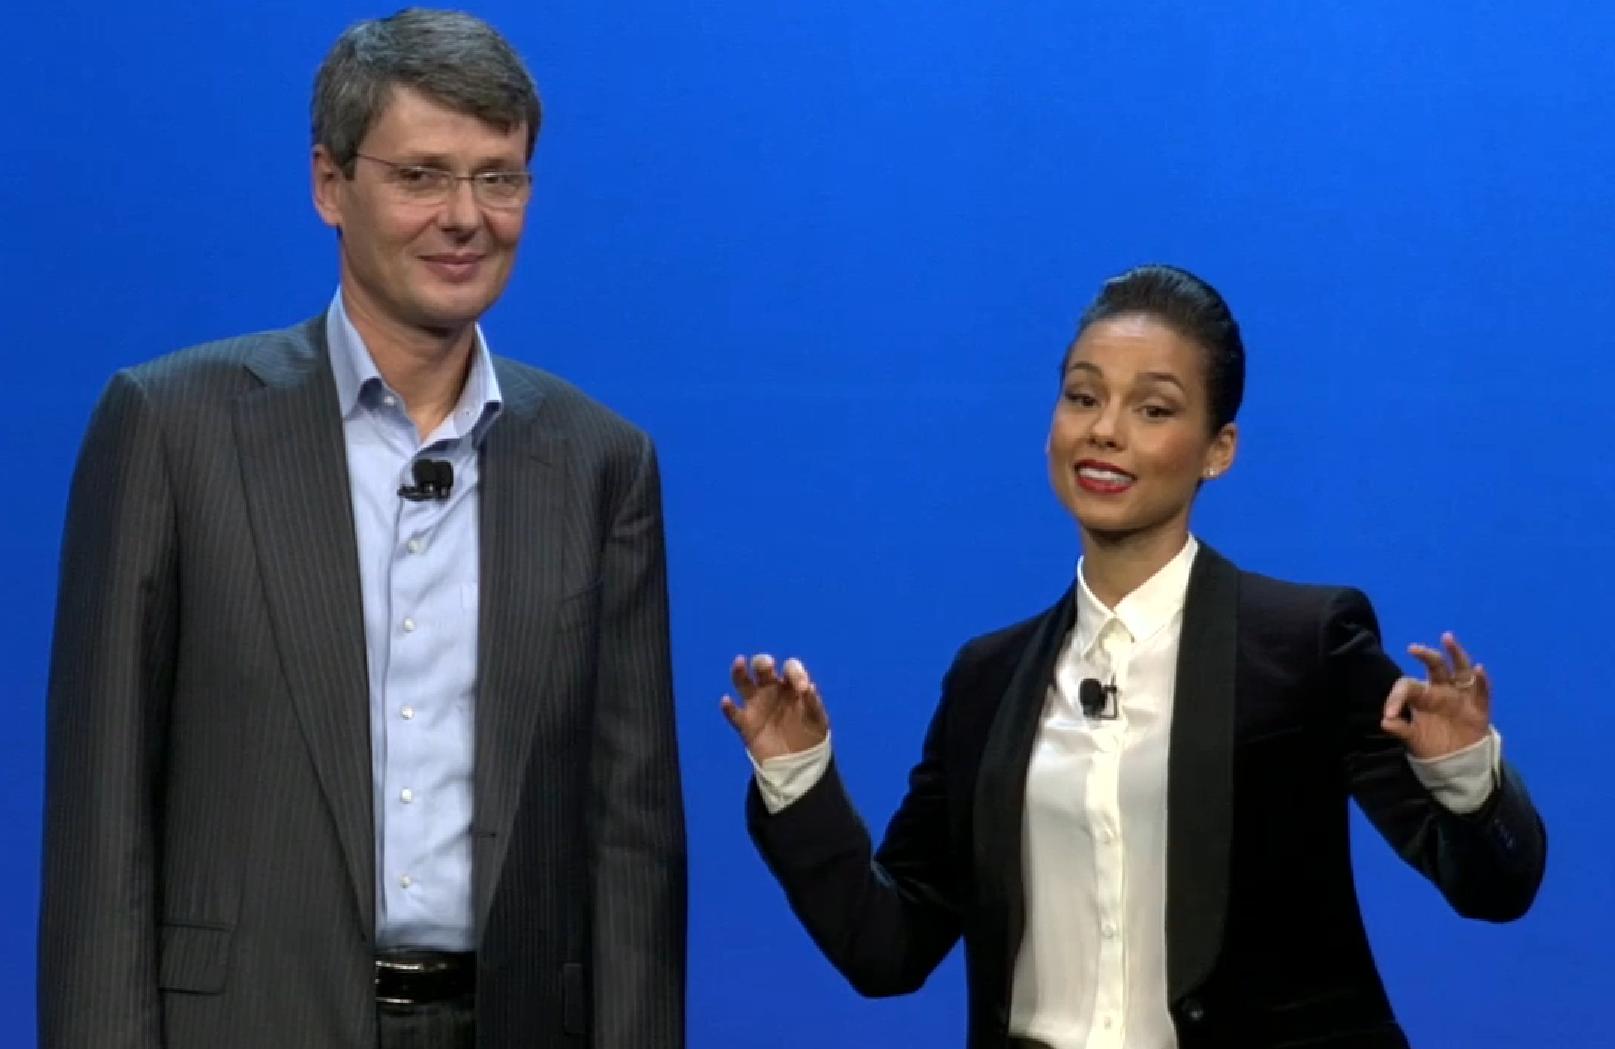 BlackBerryn toimitusjohtaja Thorsten Heins ja Alicia Keys viime tammikuun tilaisuudessa. Nyt kumpikin heistä on saanut jo jättää BlackBerryn.